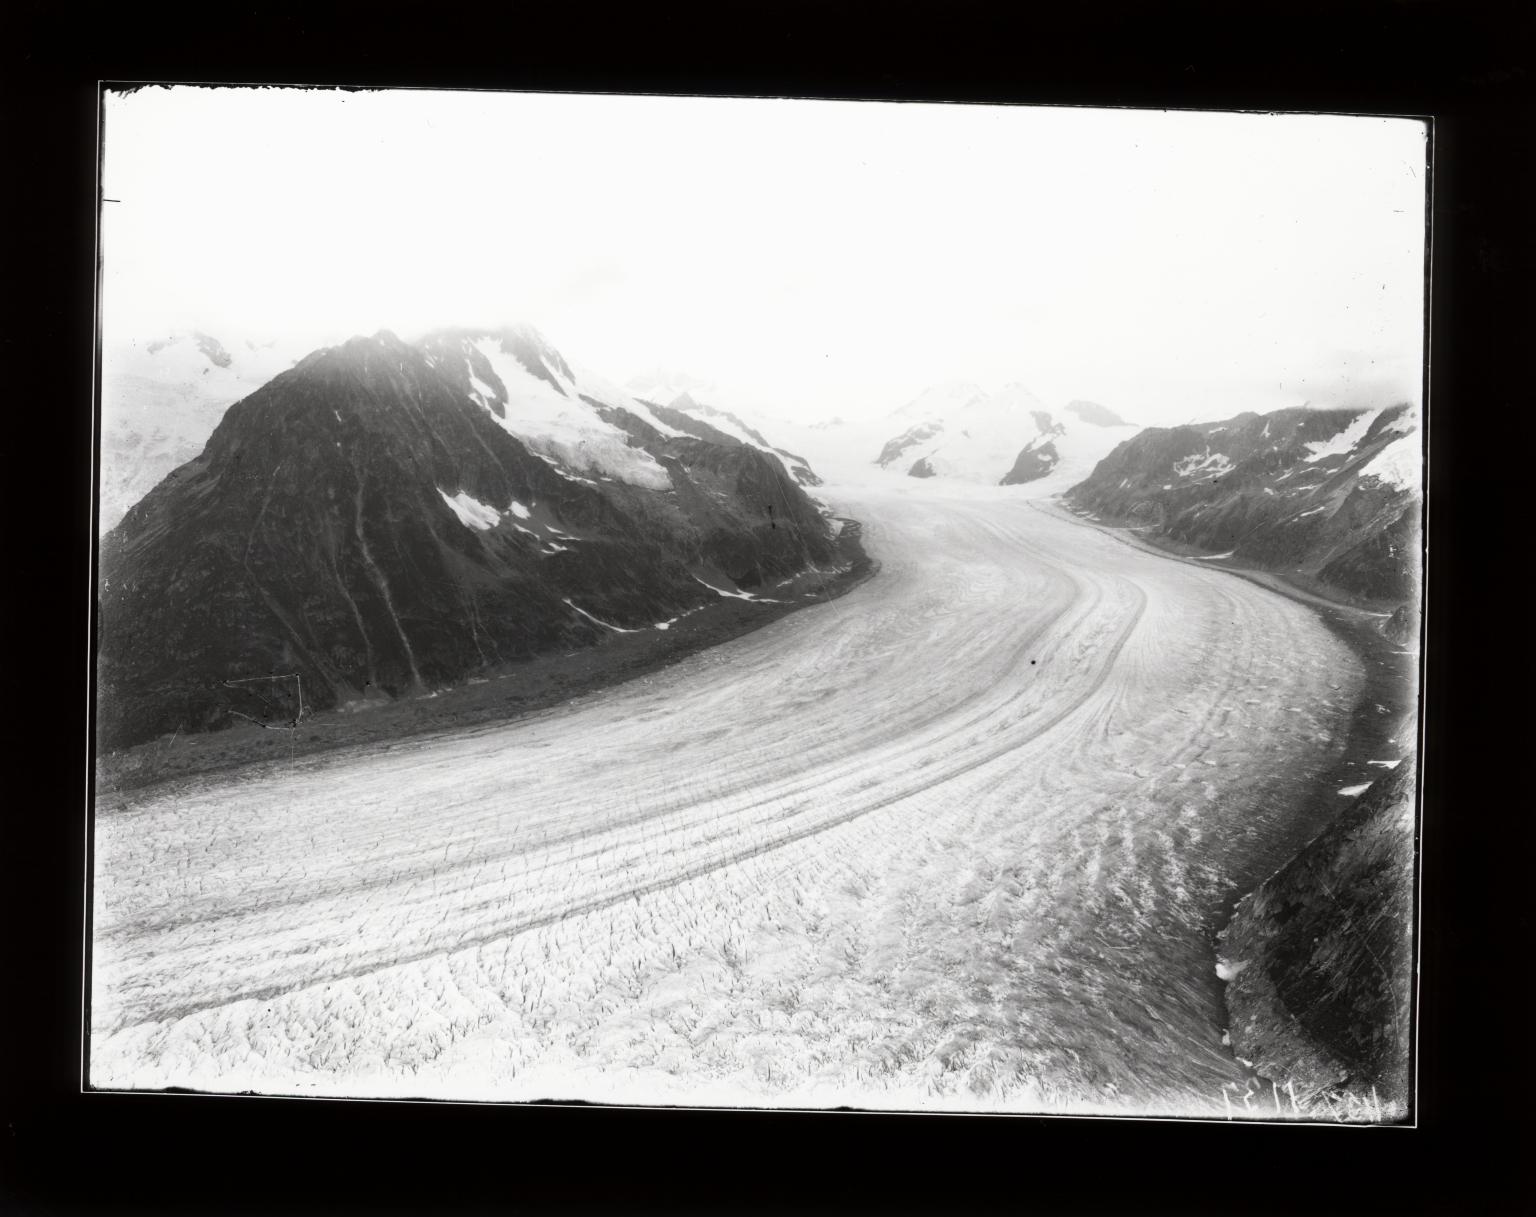 Grosser Aletsch, Valais, Switzerland